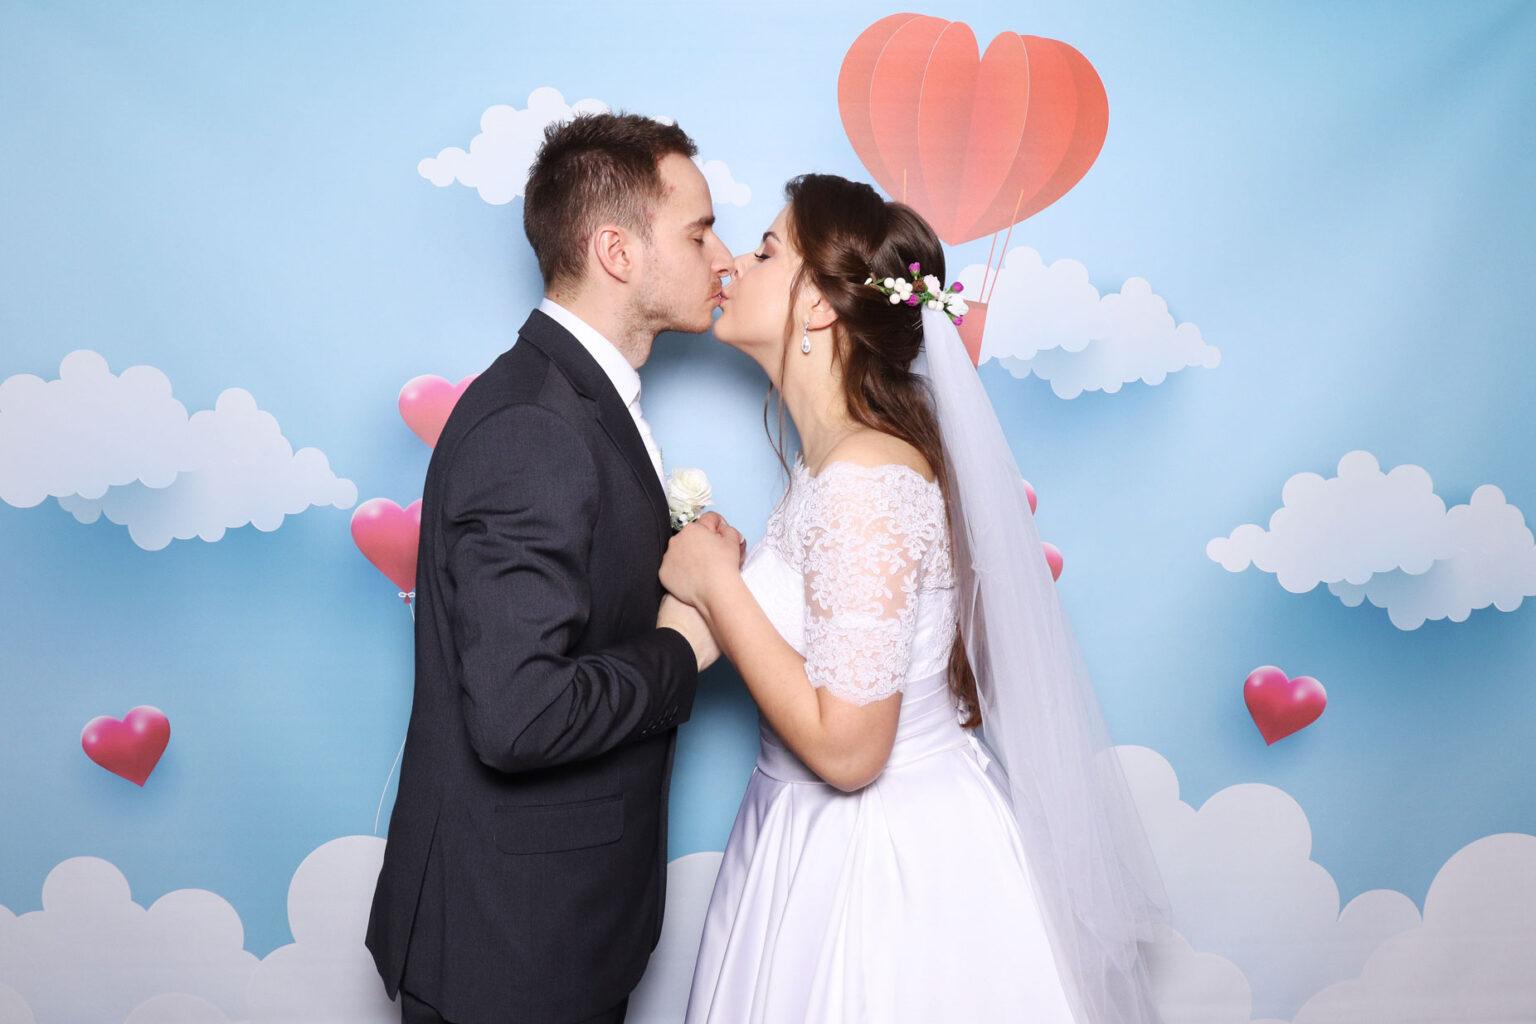 Svadobný fotokútik - fotobúdka na svadbu - pozadie.